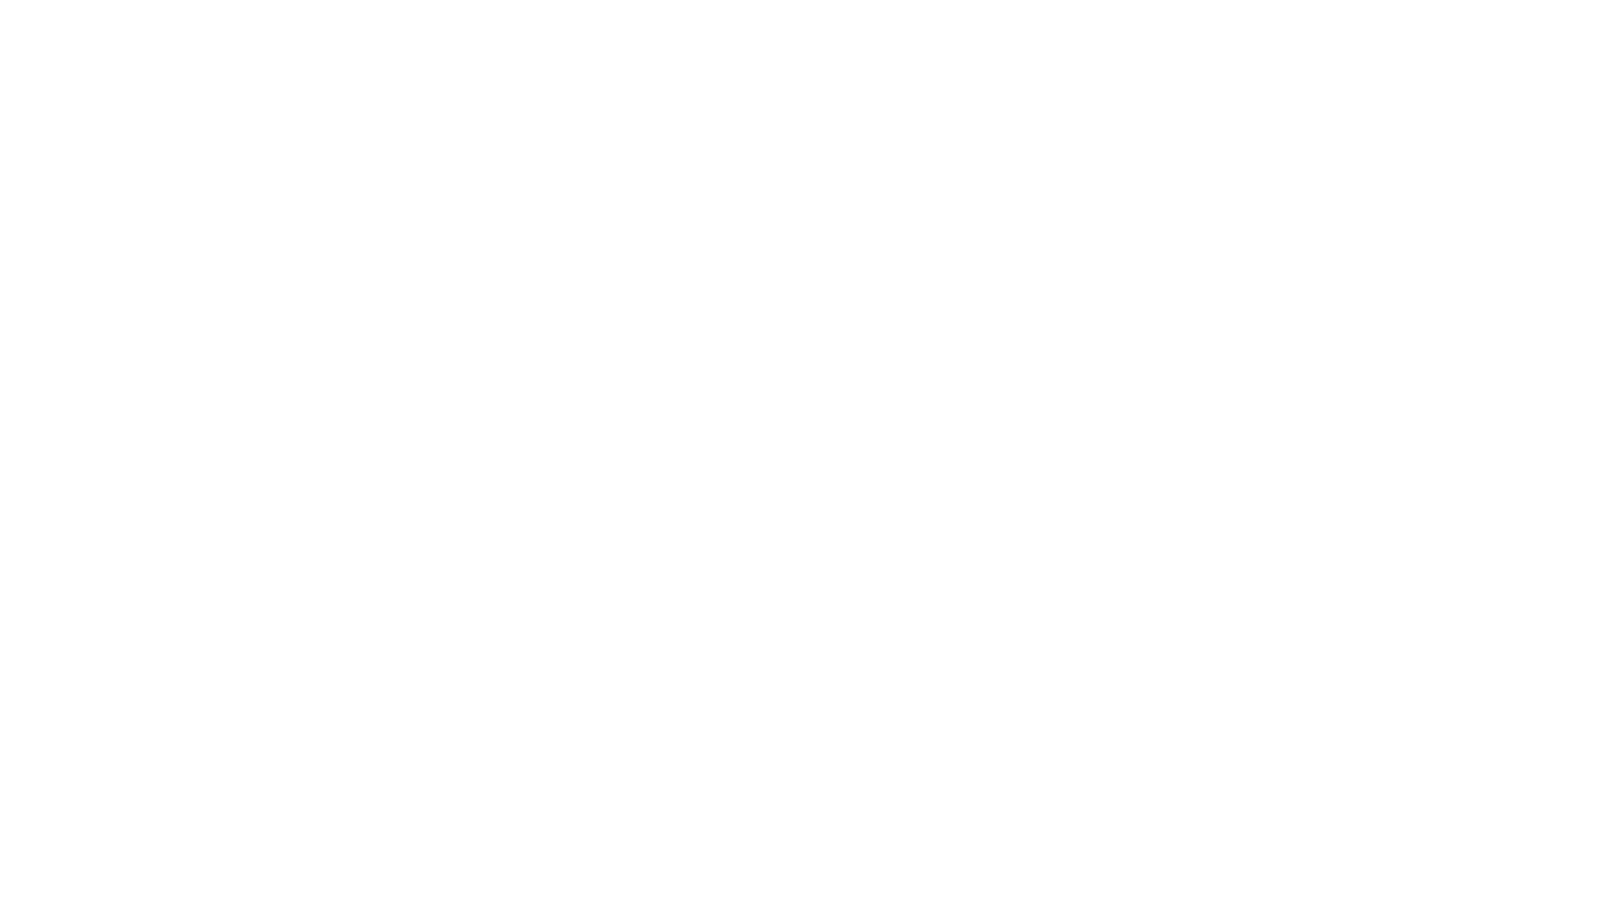 """Inscreva-se no canal e ative as notificações!!!    ESTREIA, com legendas em italiano, dia 11/04/2021, domingo às 16h, o curta """"Relatos afetivos, fragmentos da memória"""" de Kátia Lombardi, fotógrafa e professora da Universidade Federal de São João del Rei (UFSJ).  No vídeo, a autora convidou alguns descendentes de famílias de imigrantes italianos residentes em São João del-Rei para relatarem suas vivências e histórias do tempo da imigração transmitidas pelos seus antepassados. Para além da pesquisa voltada para os arquivos oficiais e para a análise de dados relacionados às famílias italianas, o interesse aqui é o de dar voz aos membros das famílias de imigrantes. Ressaltamos a importância das histórias singulares e das pequenas narrativas, seguindo a proposta de Walter Benjamin de """"escovar a história a contrapelo"""". O vídeo faz parte do projeto de pós-doutorado """"Pós-memória, fotografia e relato oral: a imigração italiana em São João del-Rei (1888-1950)"""" que vem sendo realizado por Kátia Hallak Lombardi, fotógrafa e professora da Universidade Federal de São João del-Rei (UFSJ). Lombardi é pós-doutoranda junto ao Programa de Pós-Graduação em Letras: Estudos Literários (UFMG) e à Cátedra António Lobo Antunes da Università Degli Studi Di Milano (UNIMI). É também pesquisadora na área de imagem e memória, com ênfase em fotografia, poéticas do vestígio, documentário imaginário, narrativas orais e visuais.  Concepção, reprodução de fotografias, gravações e edição:  © Kátia Lombardi  Tradução e legendas em italiano: Irma Caputo.  Instituições:  Universidade Federal de São João del-Rei (UFSJ) Universidade Federal de Minas Gerais (UFMG) Università degli Studi di Milano (UNIMI) Núcleo de Estudos de Exílio e Migração (NEEM)  Agradecimentos: Silvia Alciati -   Consiglio Generale Italiani all'Estero (CGIE) Giusi Zamana - Ponte entre Culturas MG Gravação - Beatriz Giarola Raruza Kiara  Gravações realizadas de acordo com os protocolos de segurança Covid-19"""